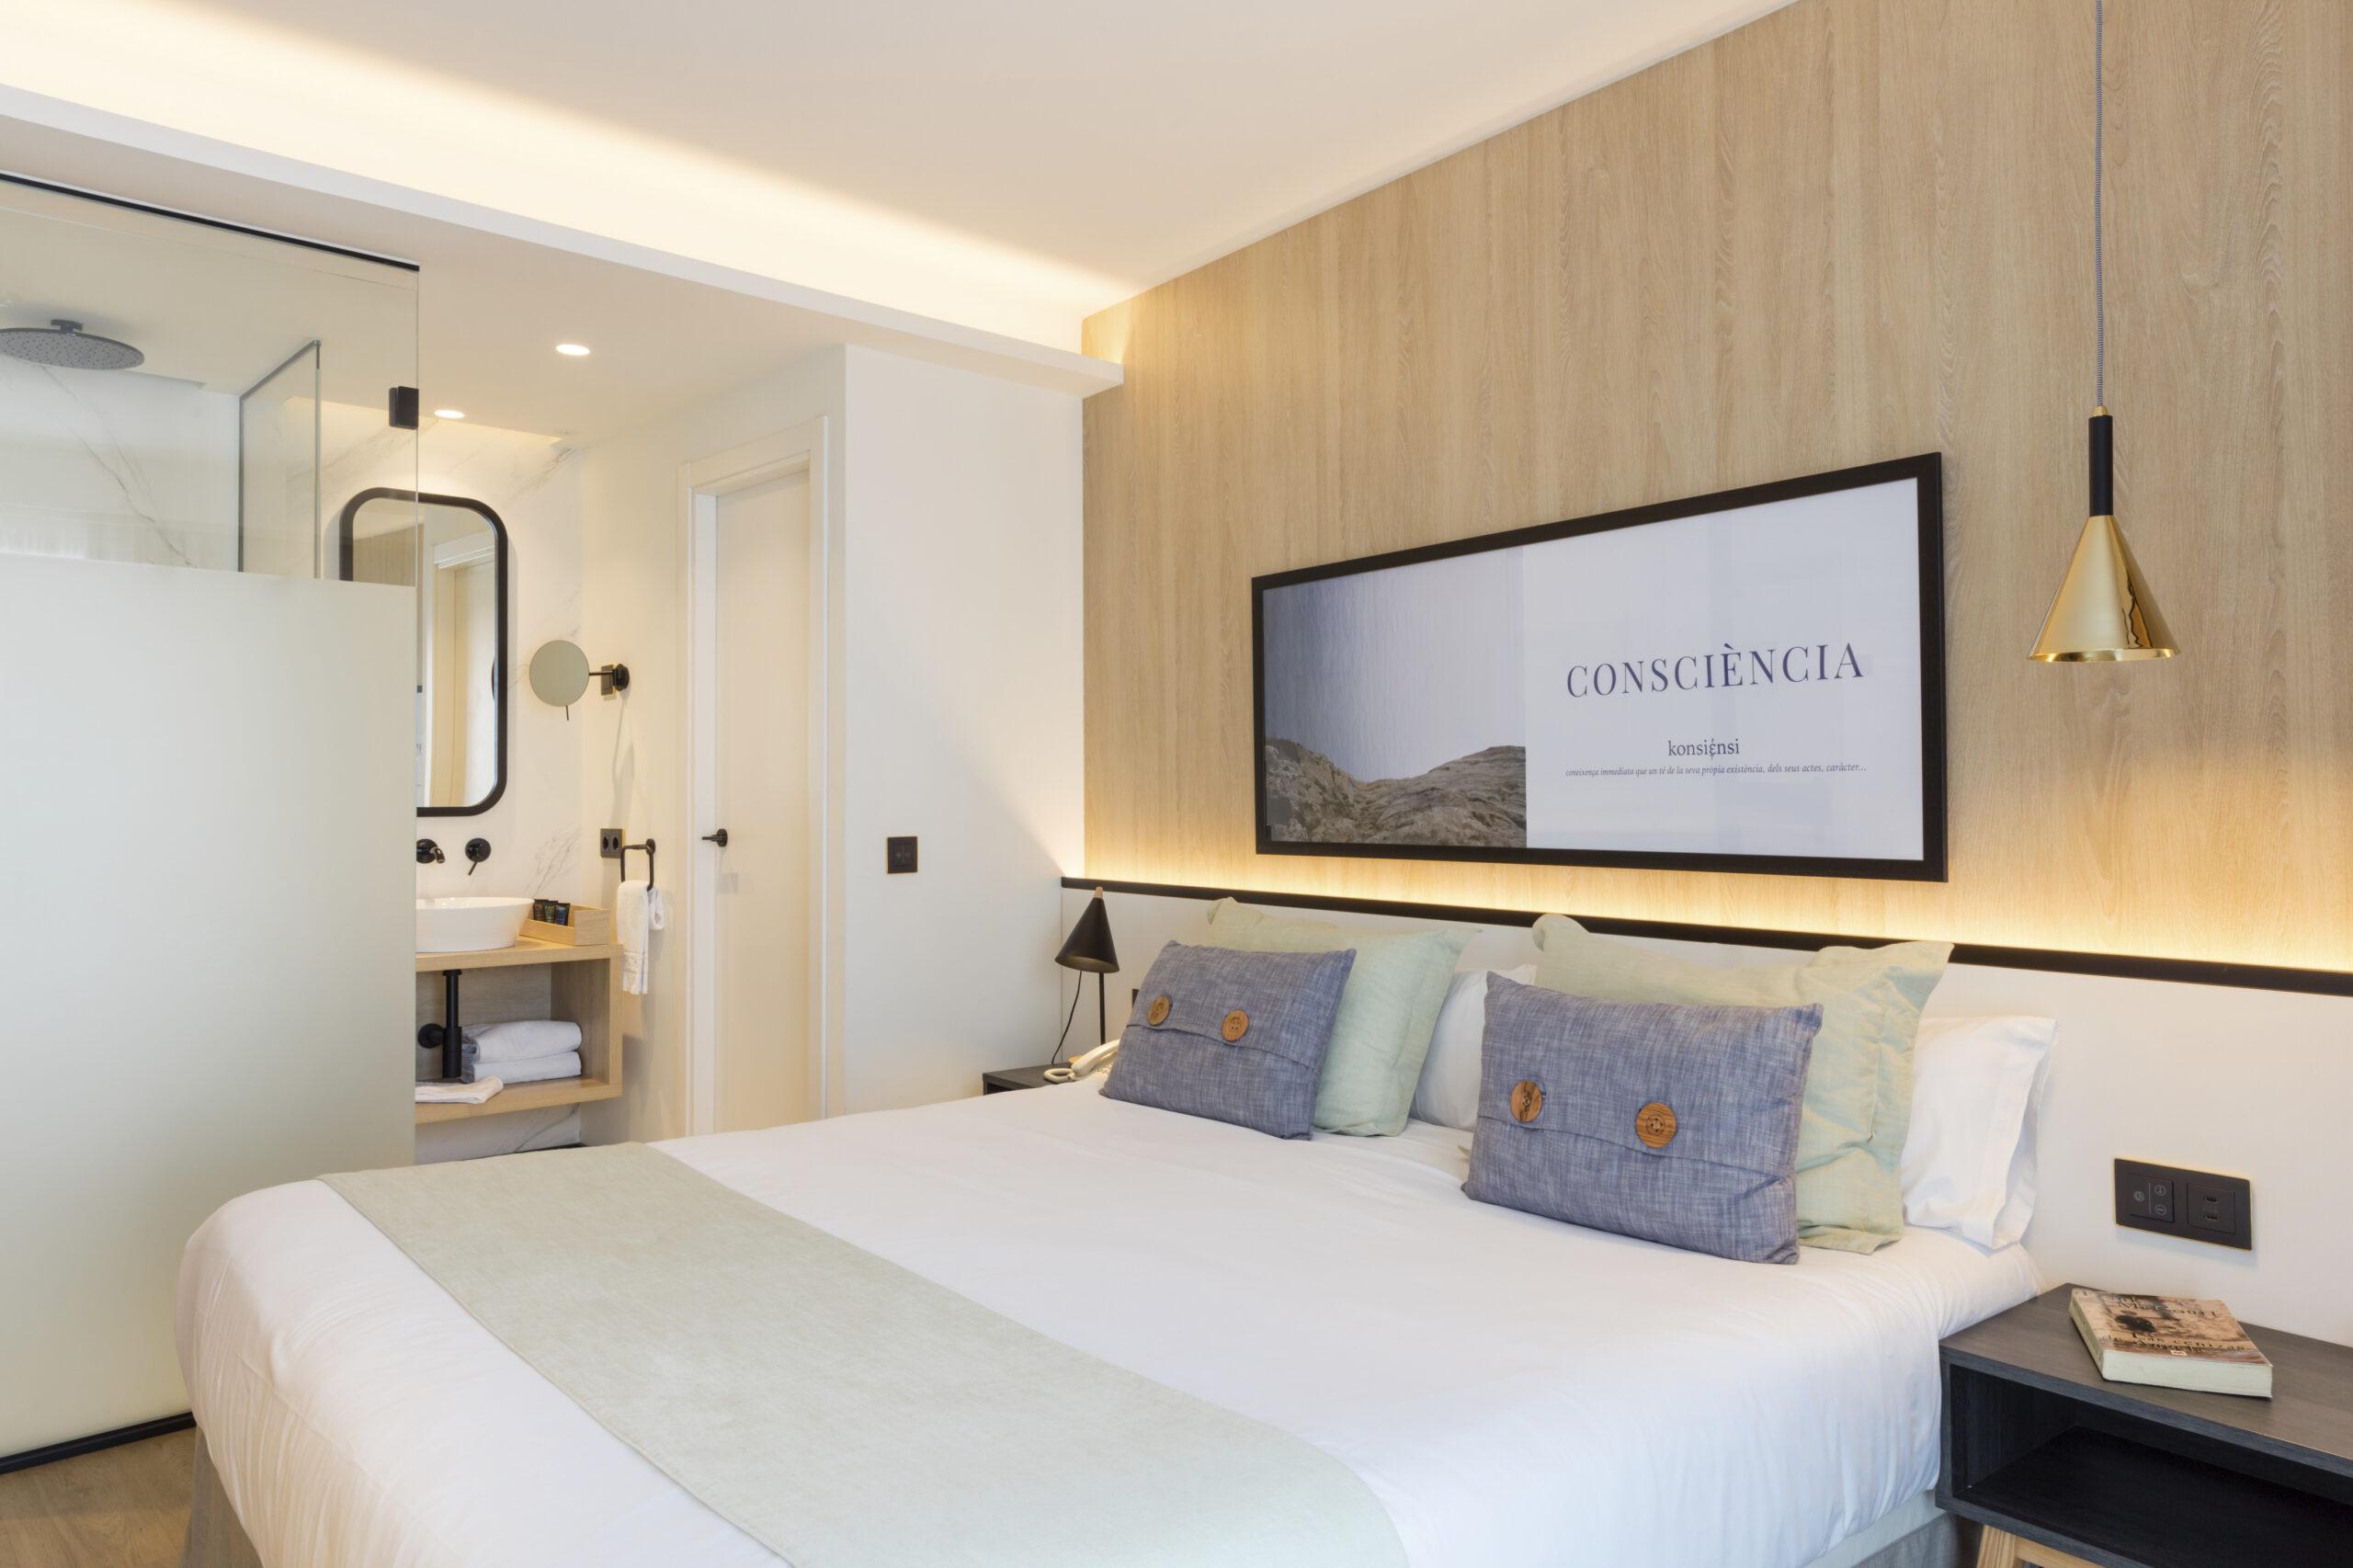 Ars Magna Bleisure Hotel - Camera doppia standard - Letto matrimoniale